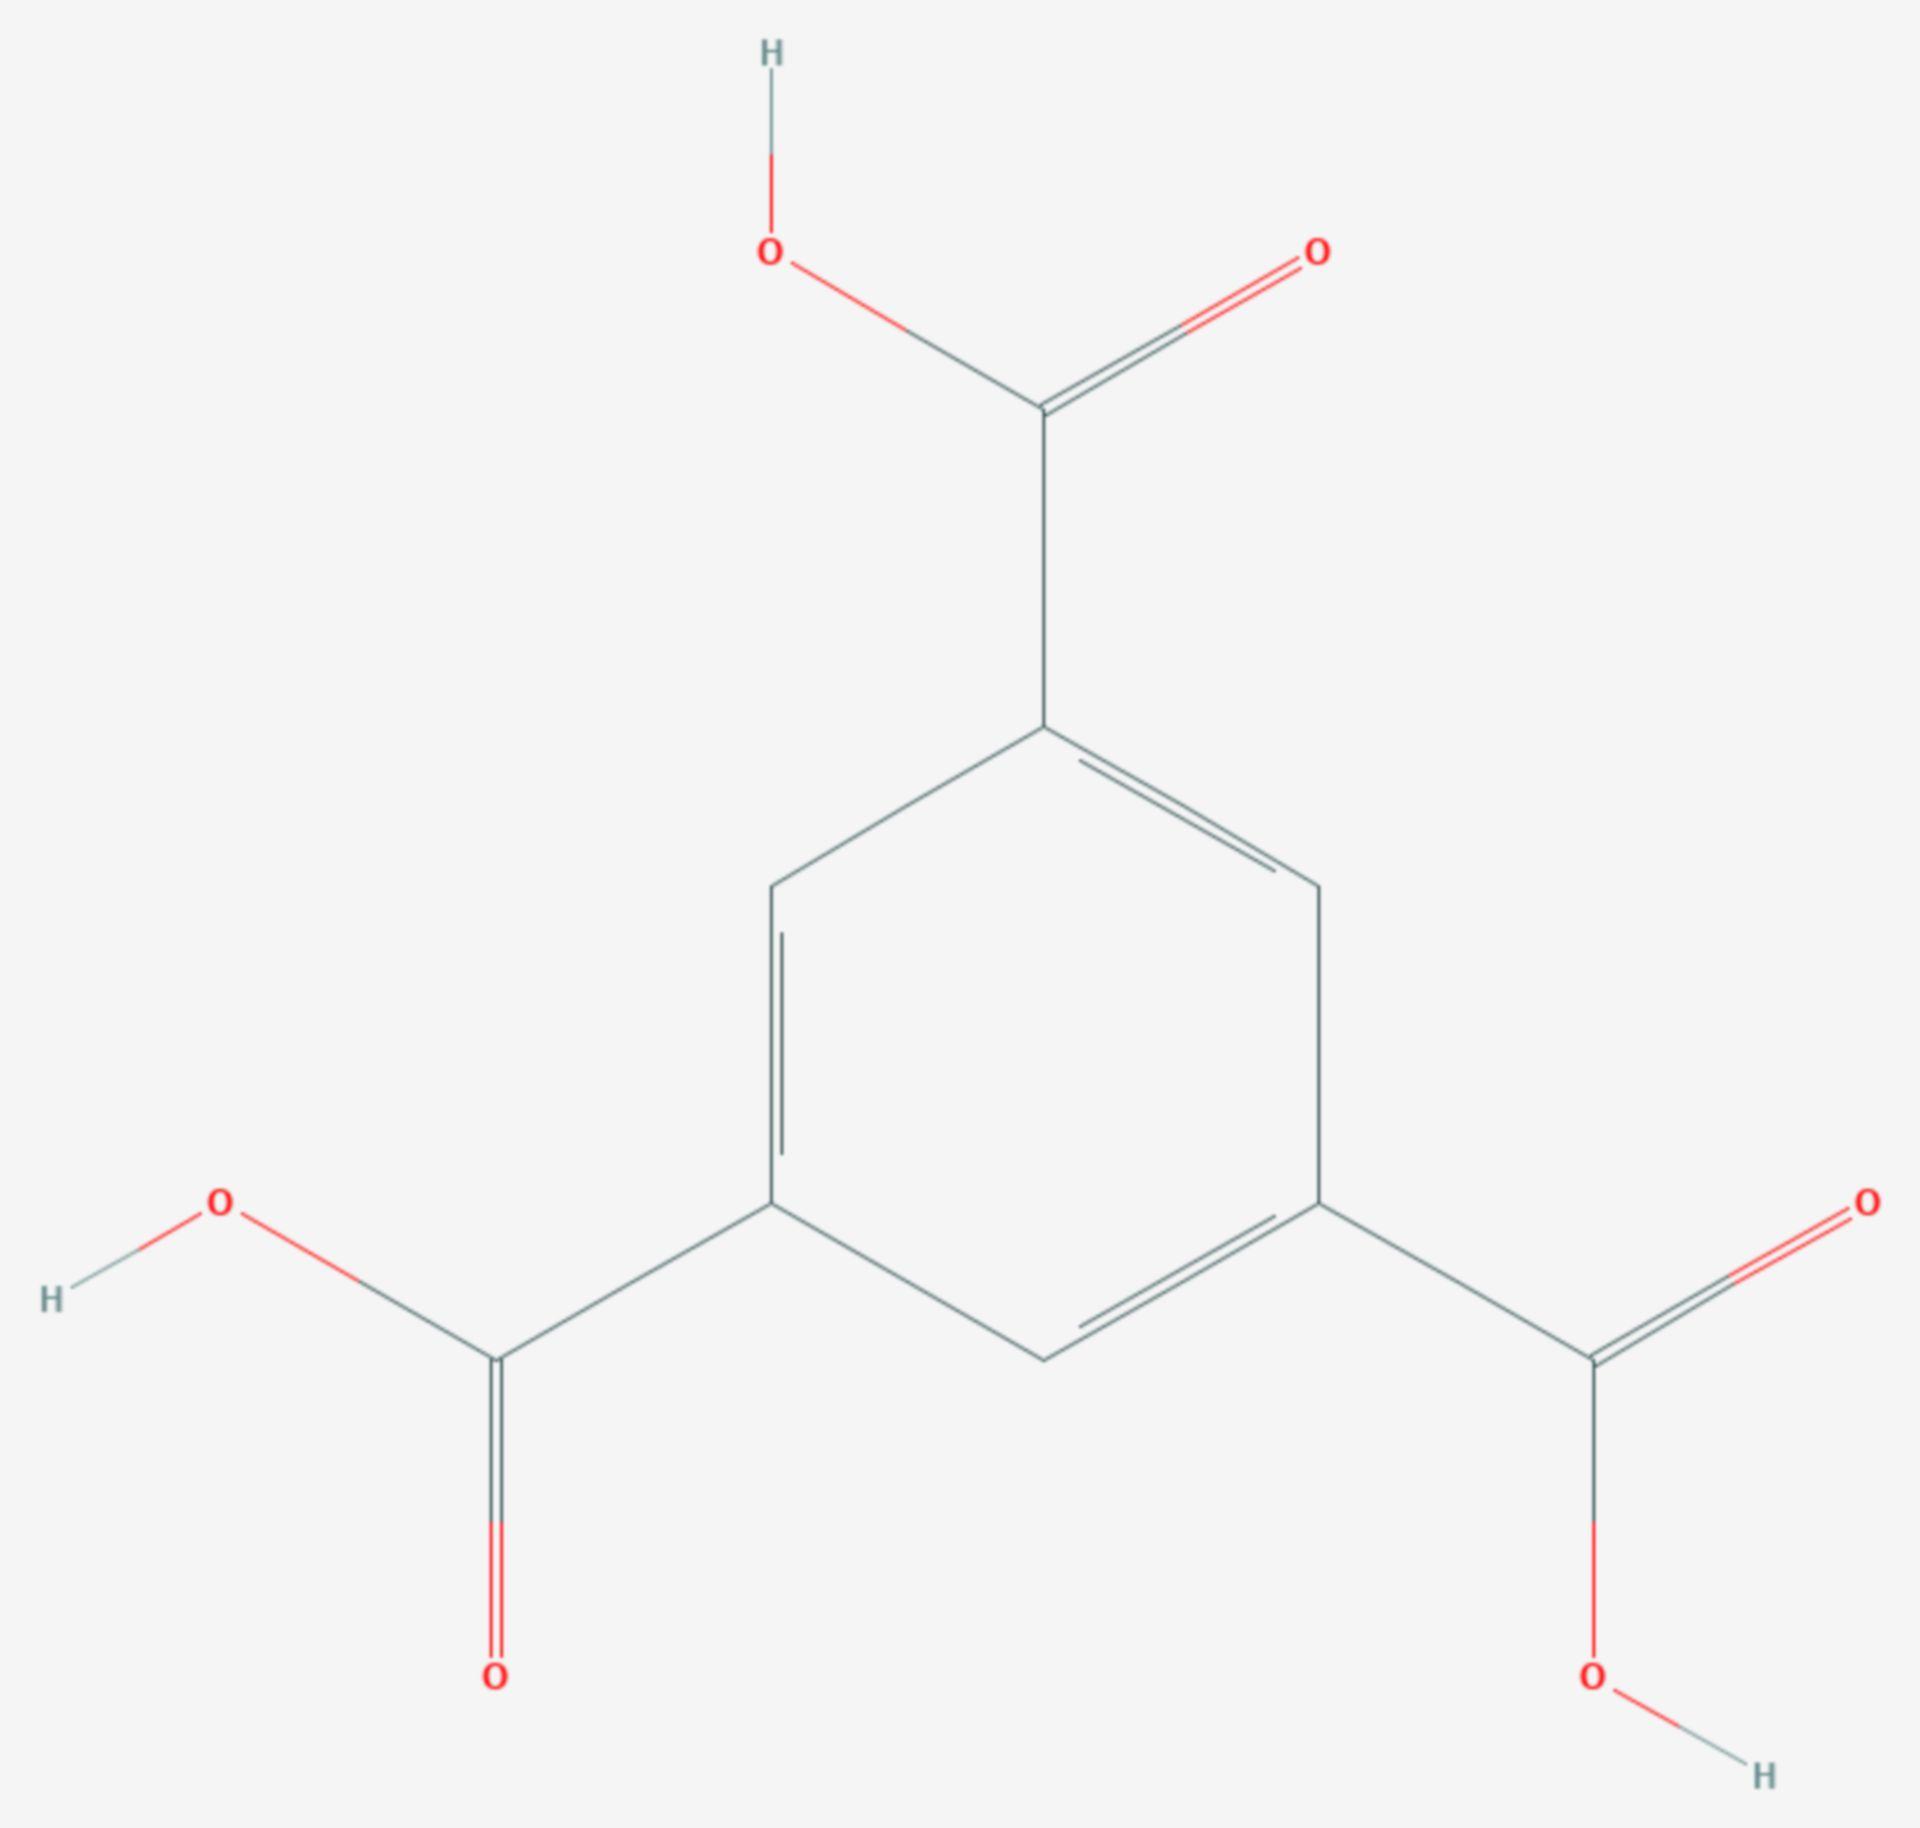 Trimesinsäure (Strukturformel)